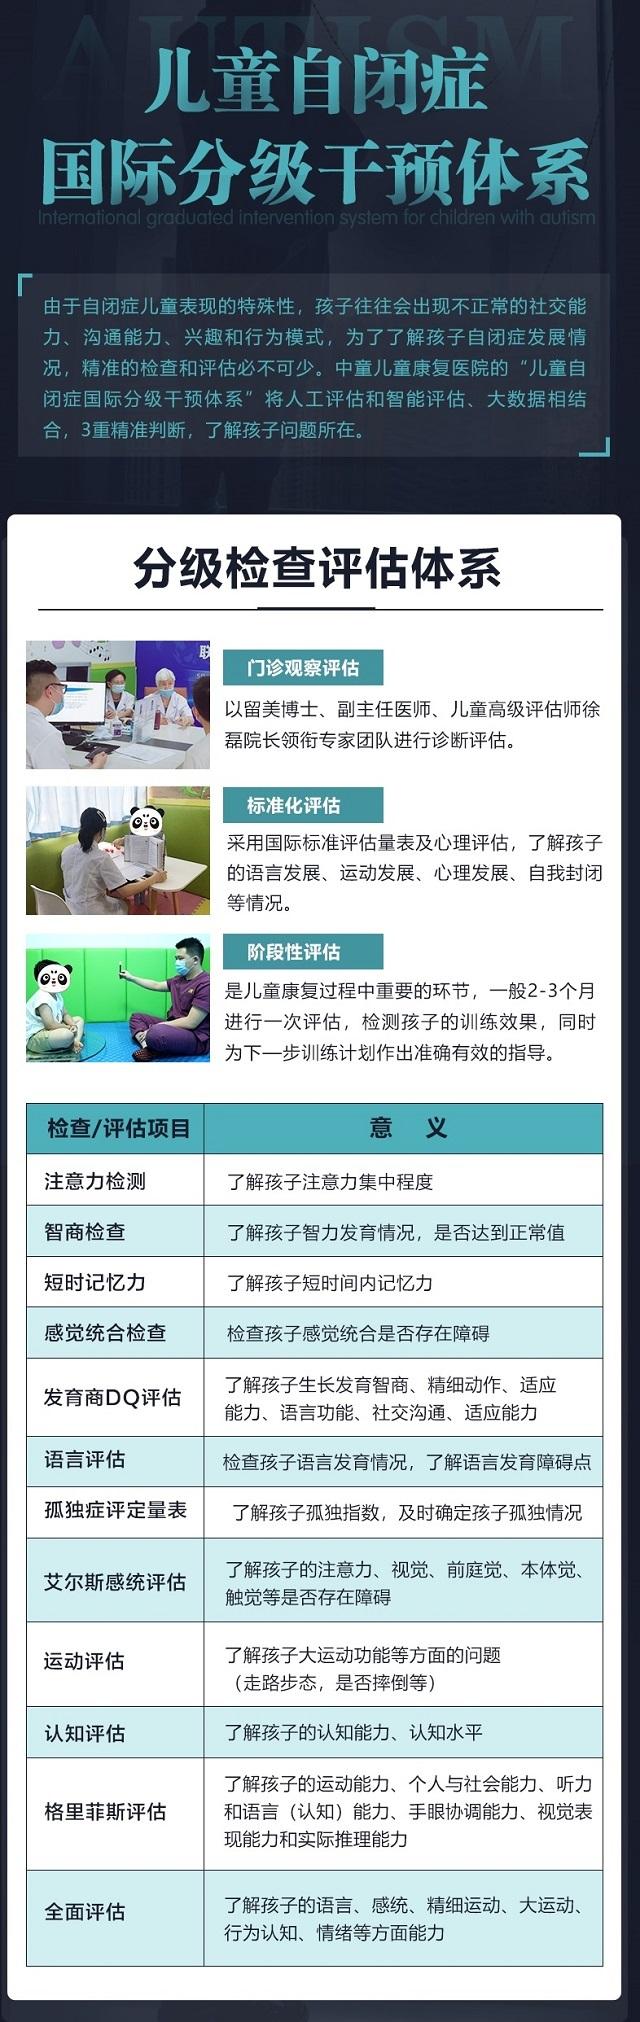 四川乐山有自闭症康复训练中心吗? 图1